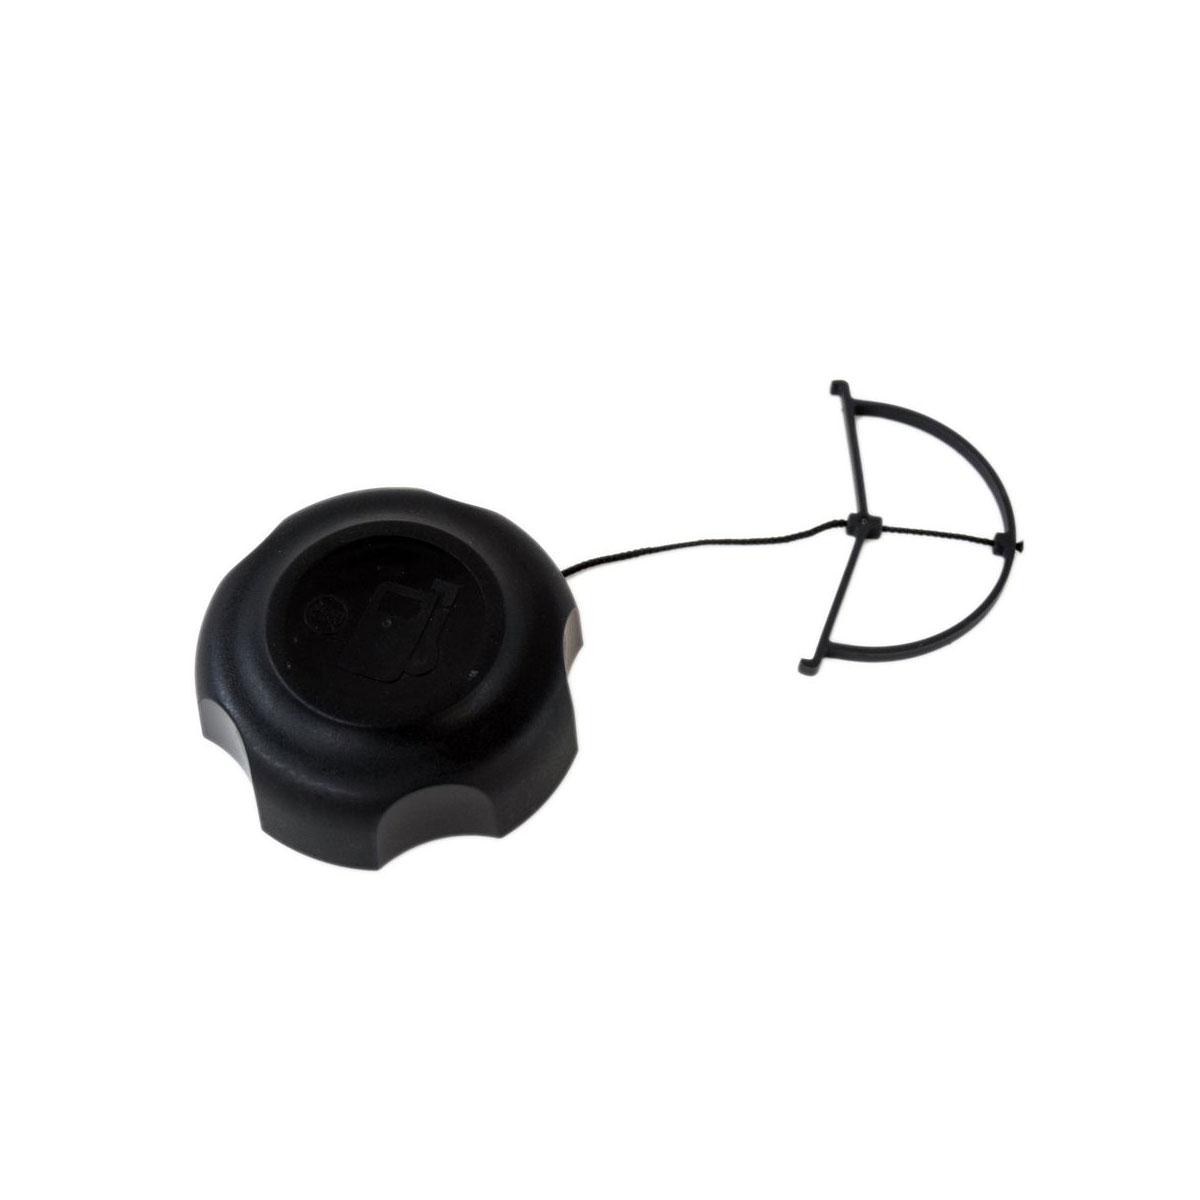 Husqvarna Cap Assy Fuel 3 Inch Black 585124802 Parts Lid Pad Assembly